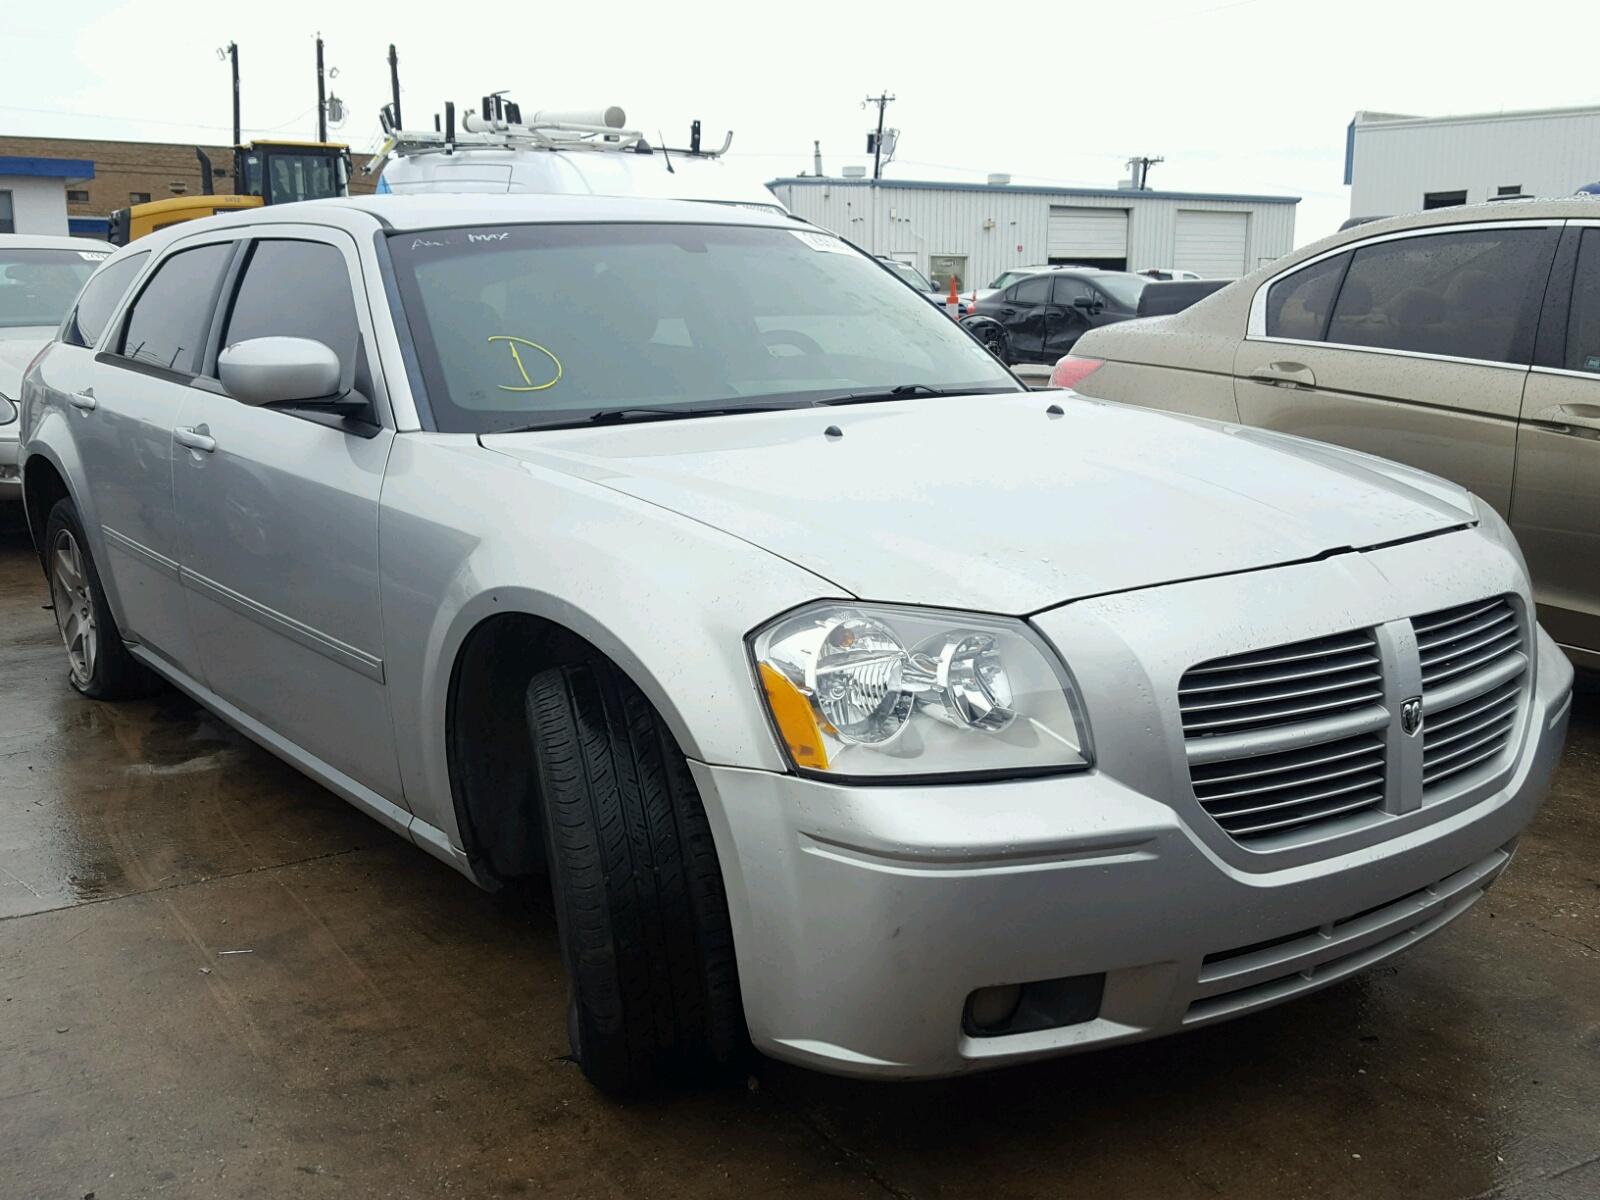 sedan magnum used dodge mchenry white for htm sale kenosha gurnee chicago illinois wagon